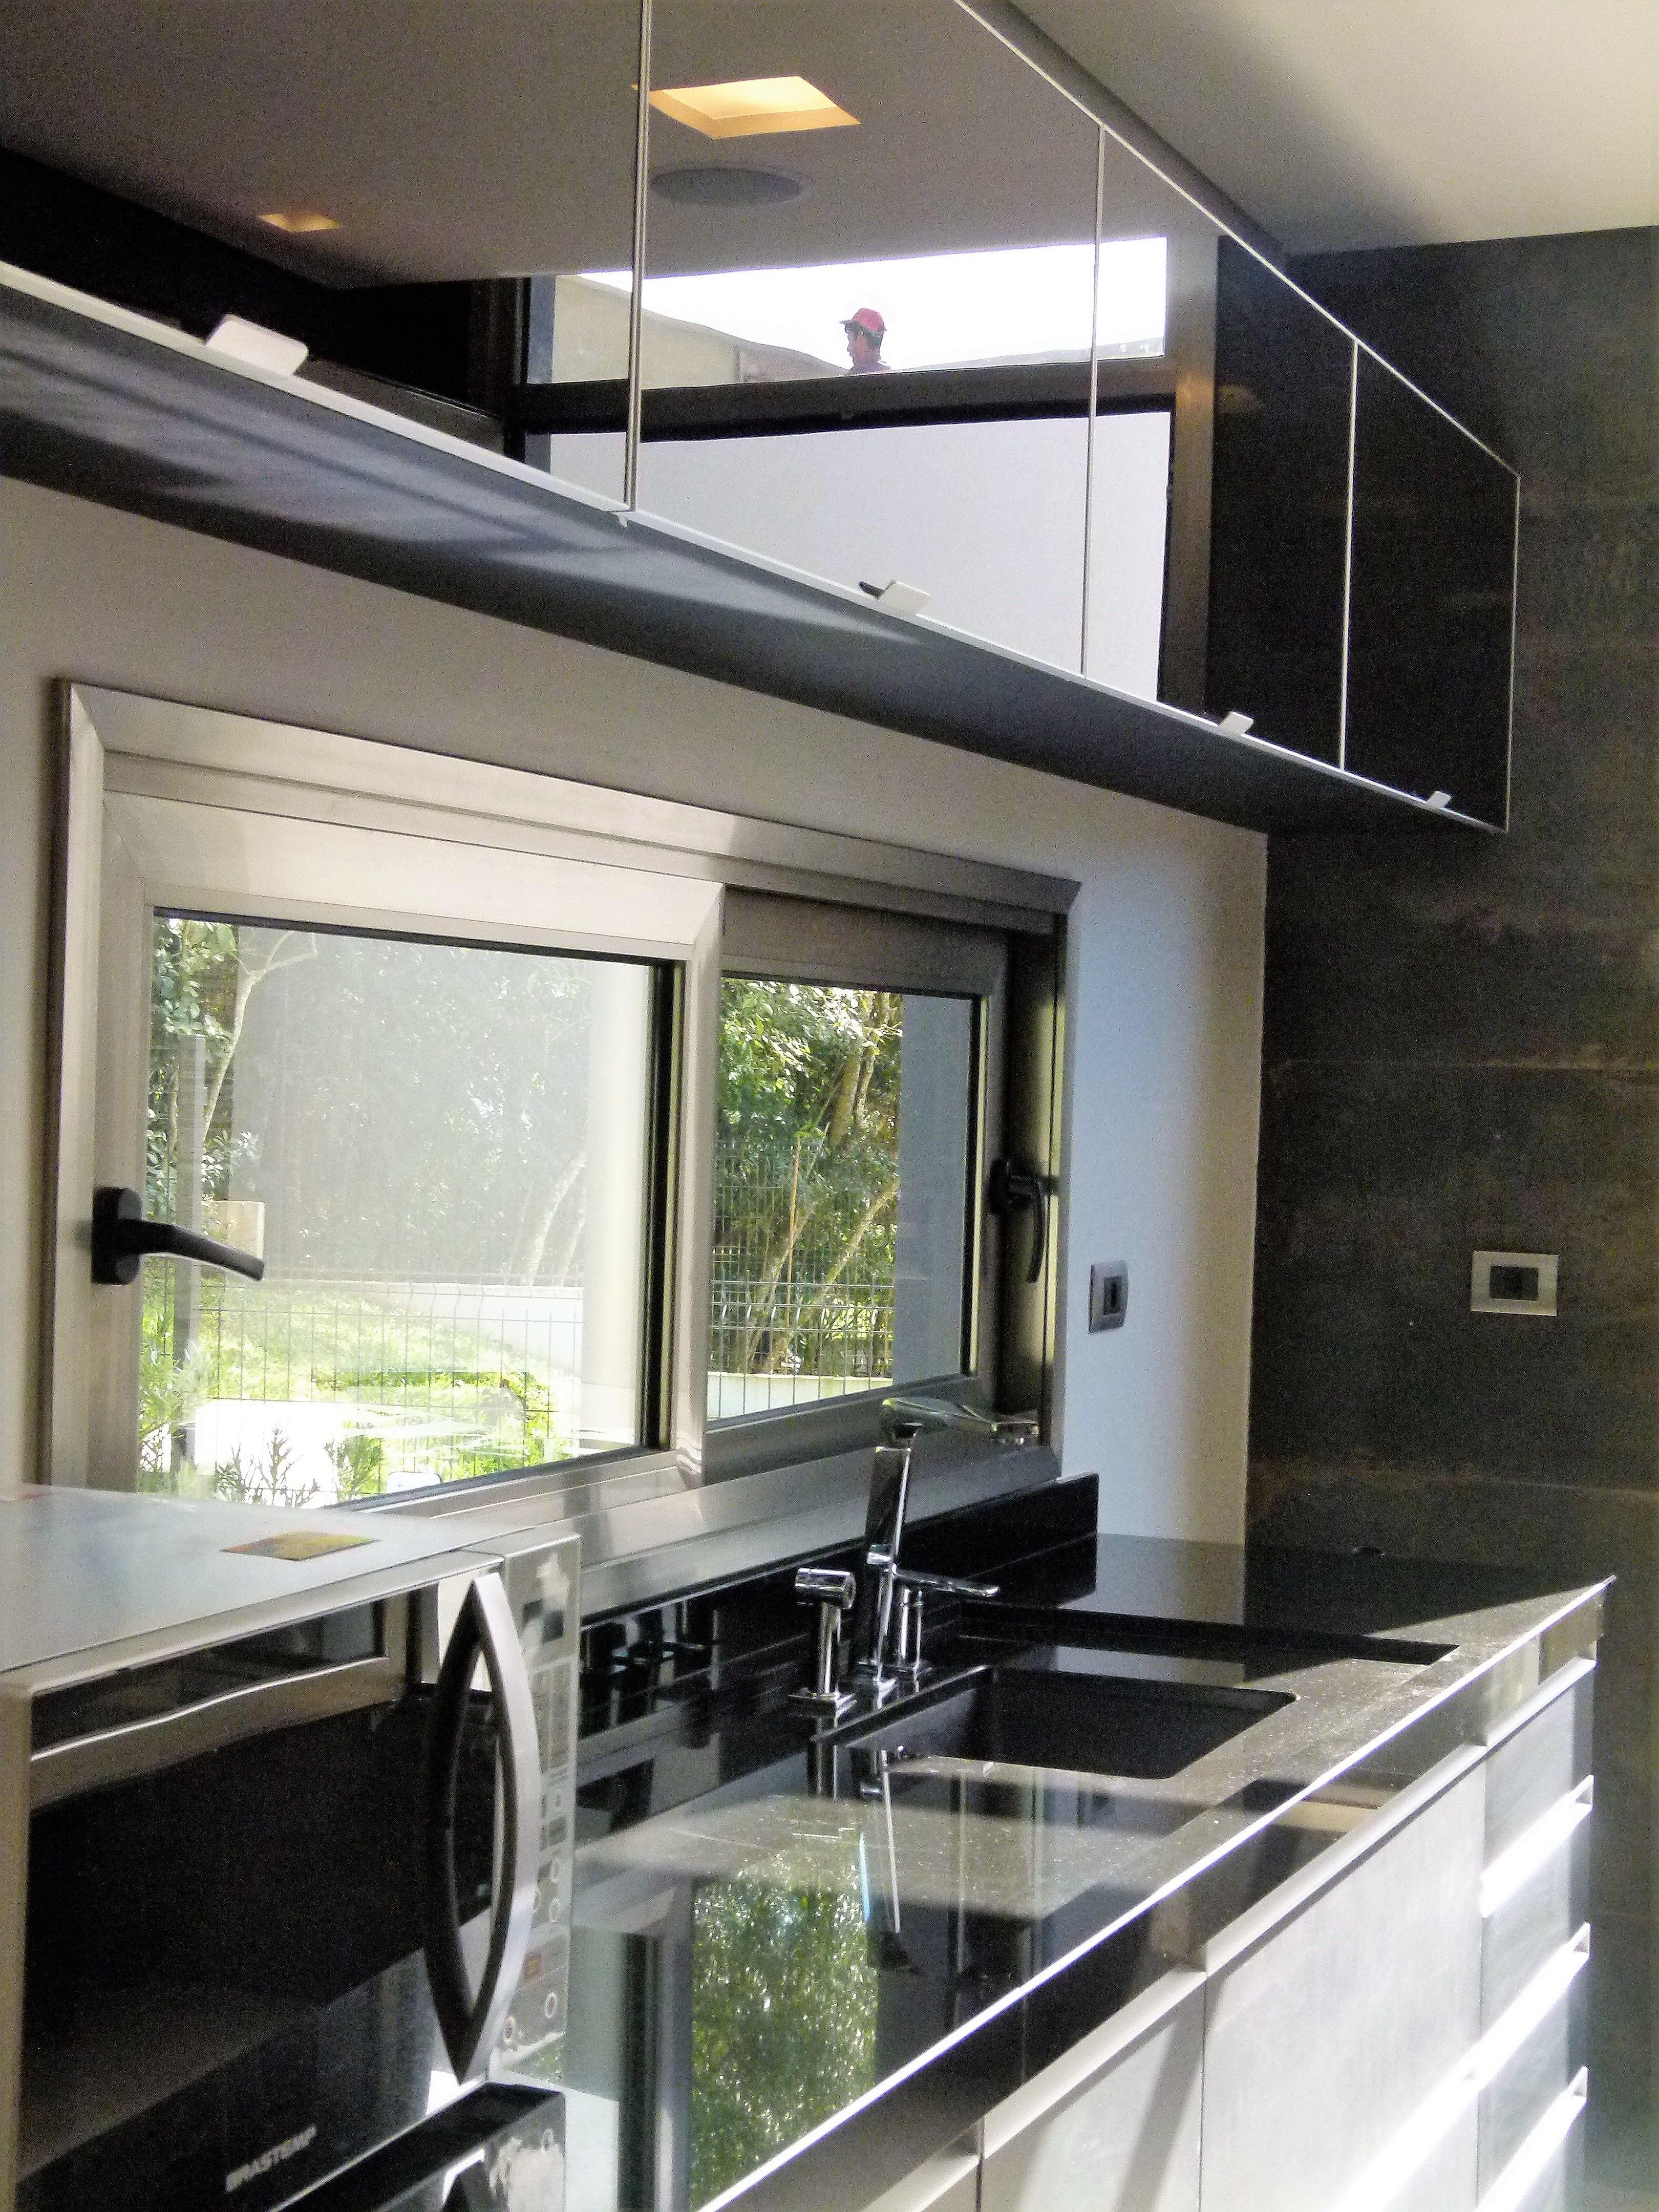 cozinha preta, janela alumínio pintura cor inox Arquiteta Elisa Mielke